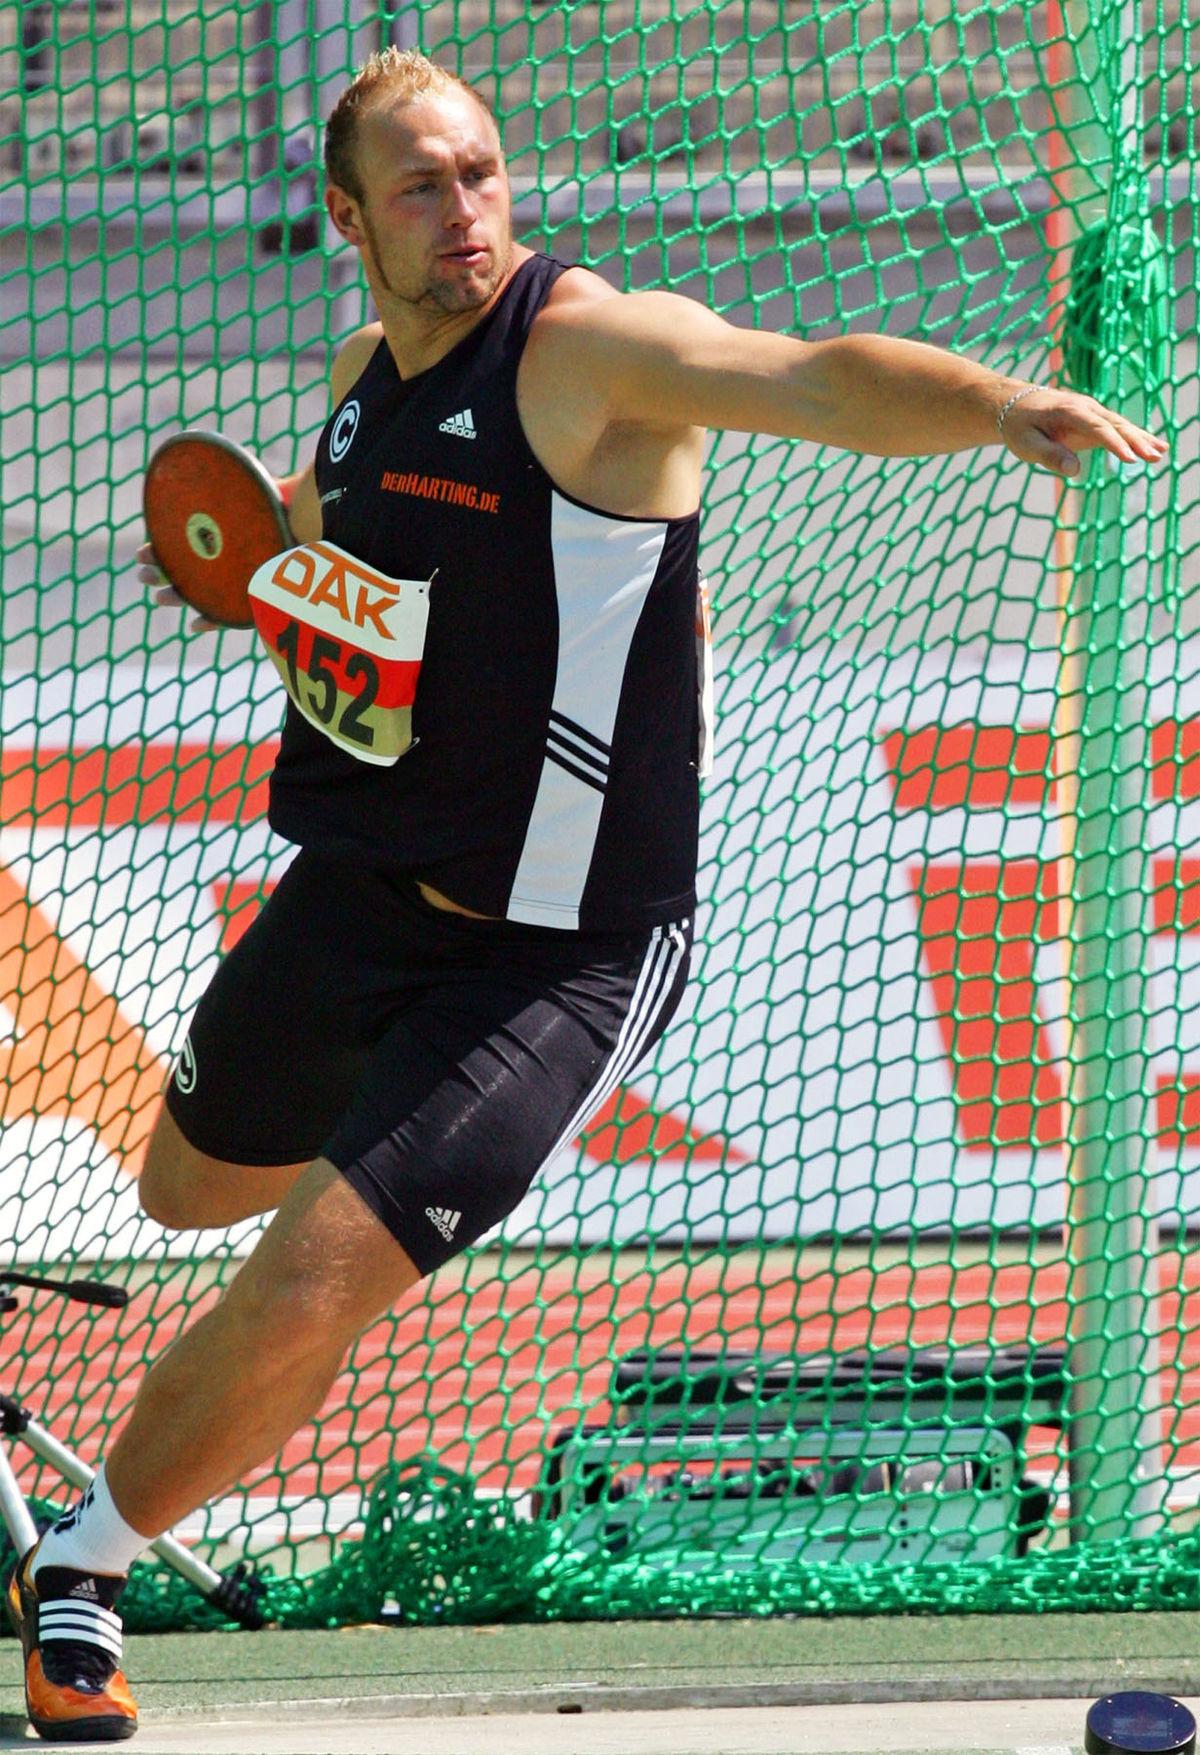 Athletics omnibus discus throw